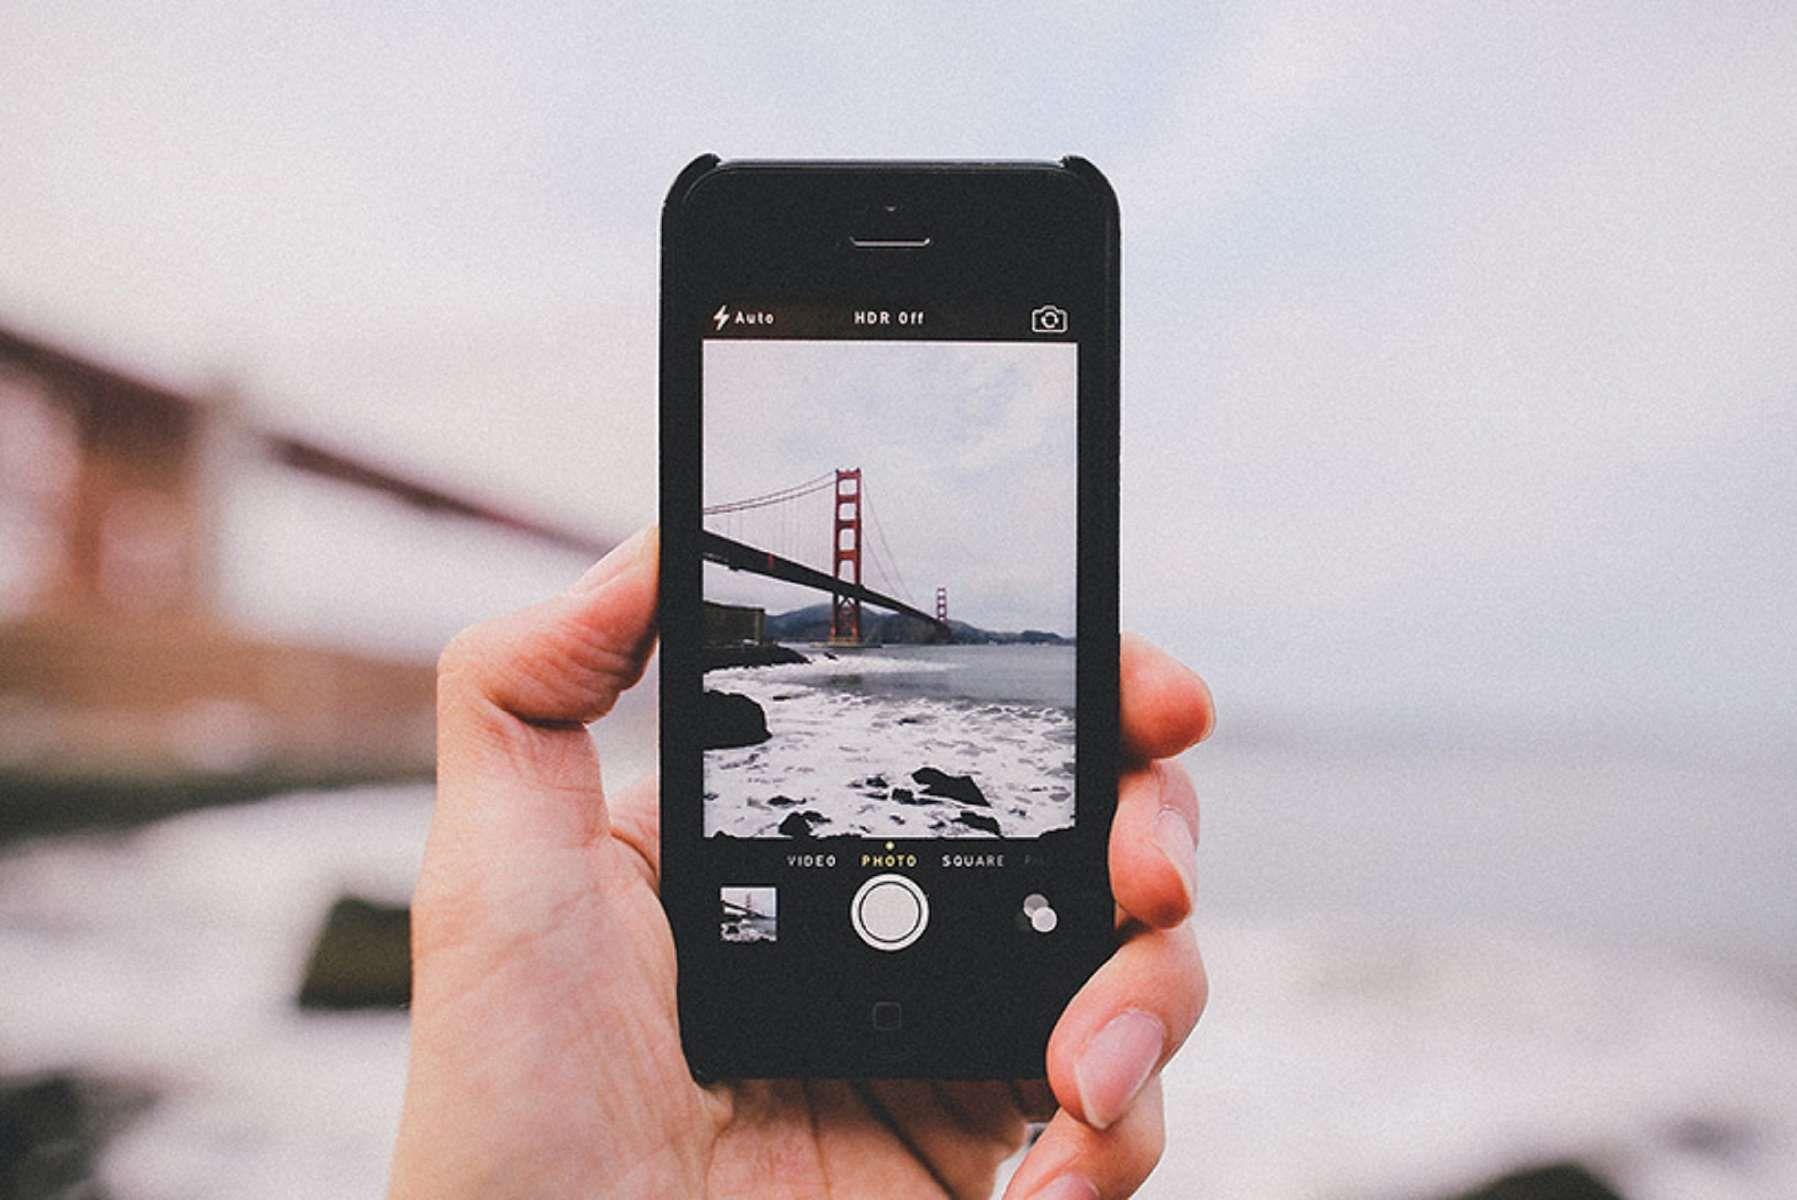 центральным как лучше фотографировать на айфоне свойство растения